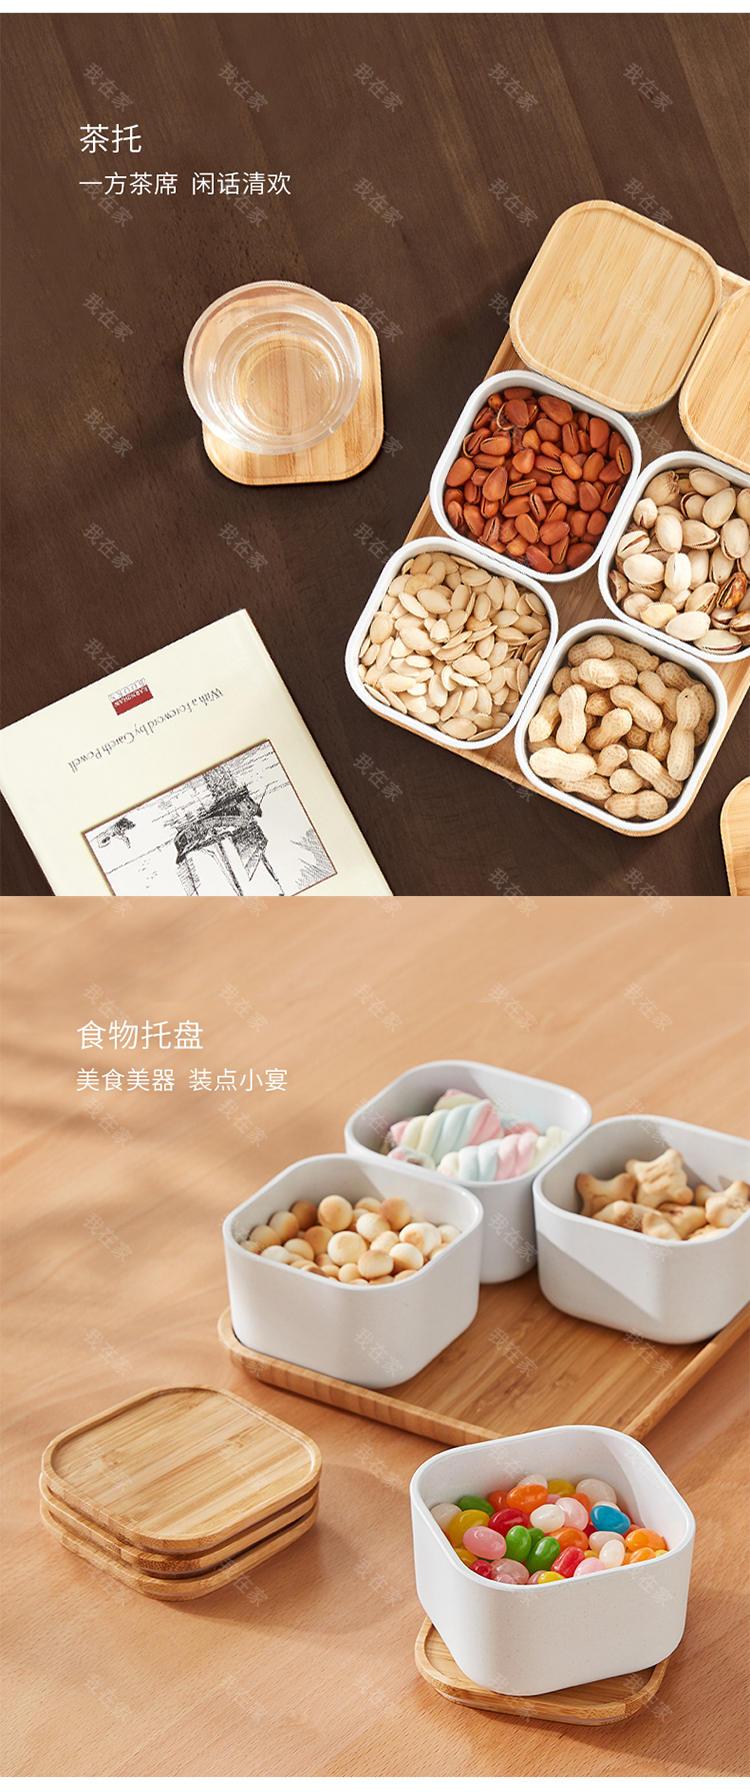 橙舍品牌食趣·竹纤维干果盘果盒的详细介绍